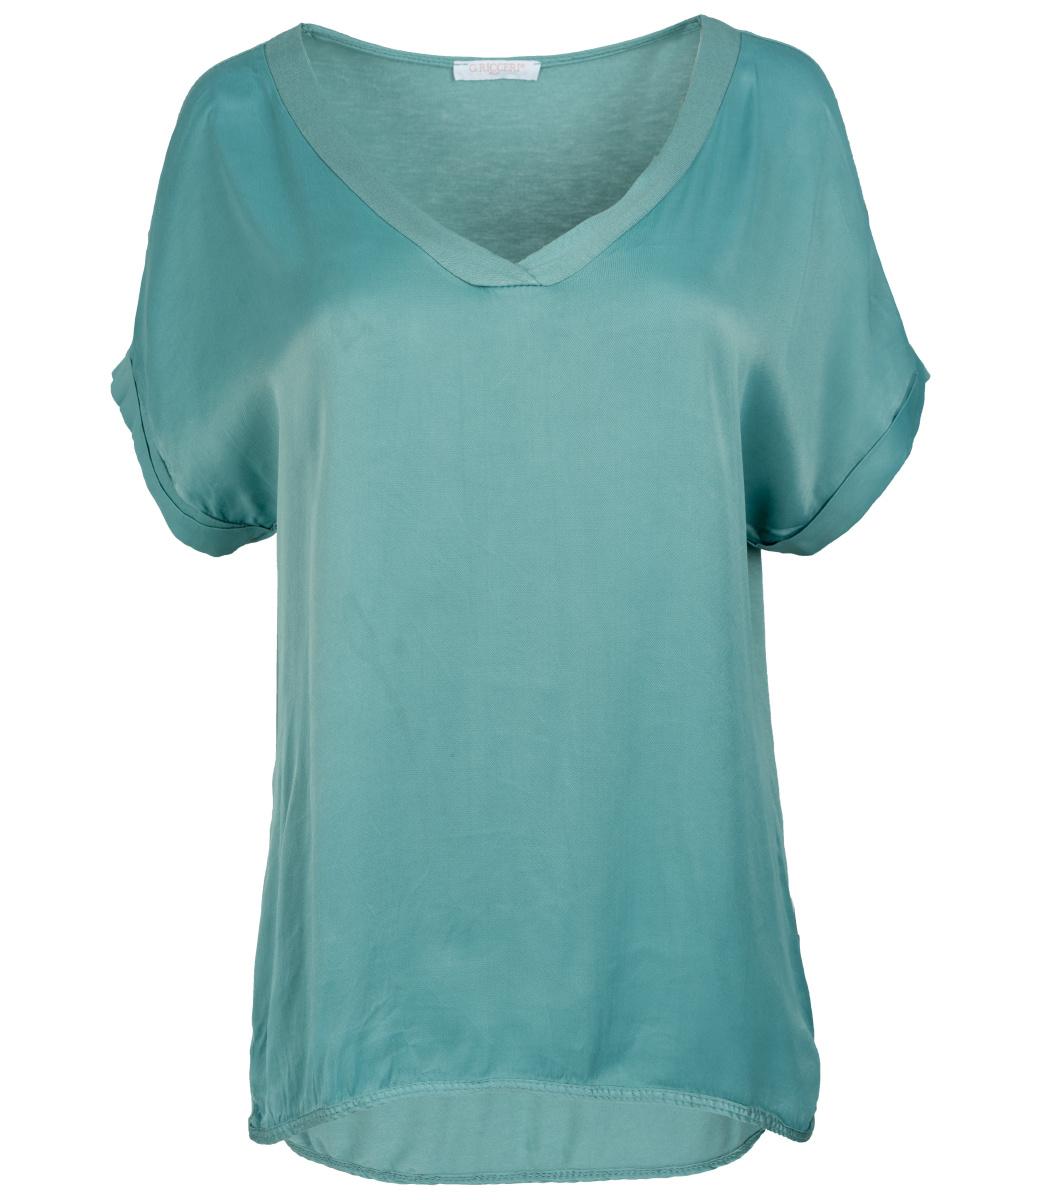 Gemma Ricceri Shirt mintgroen silk touch v hals